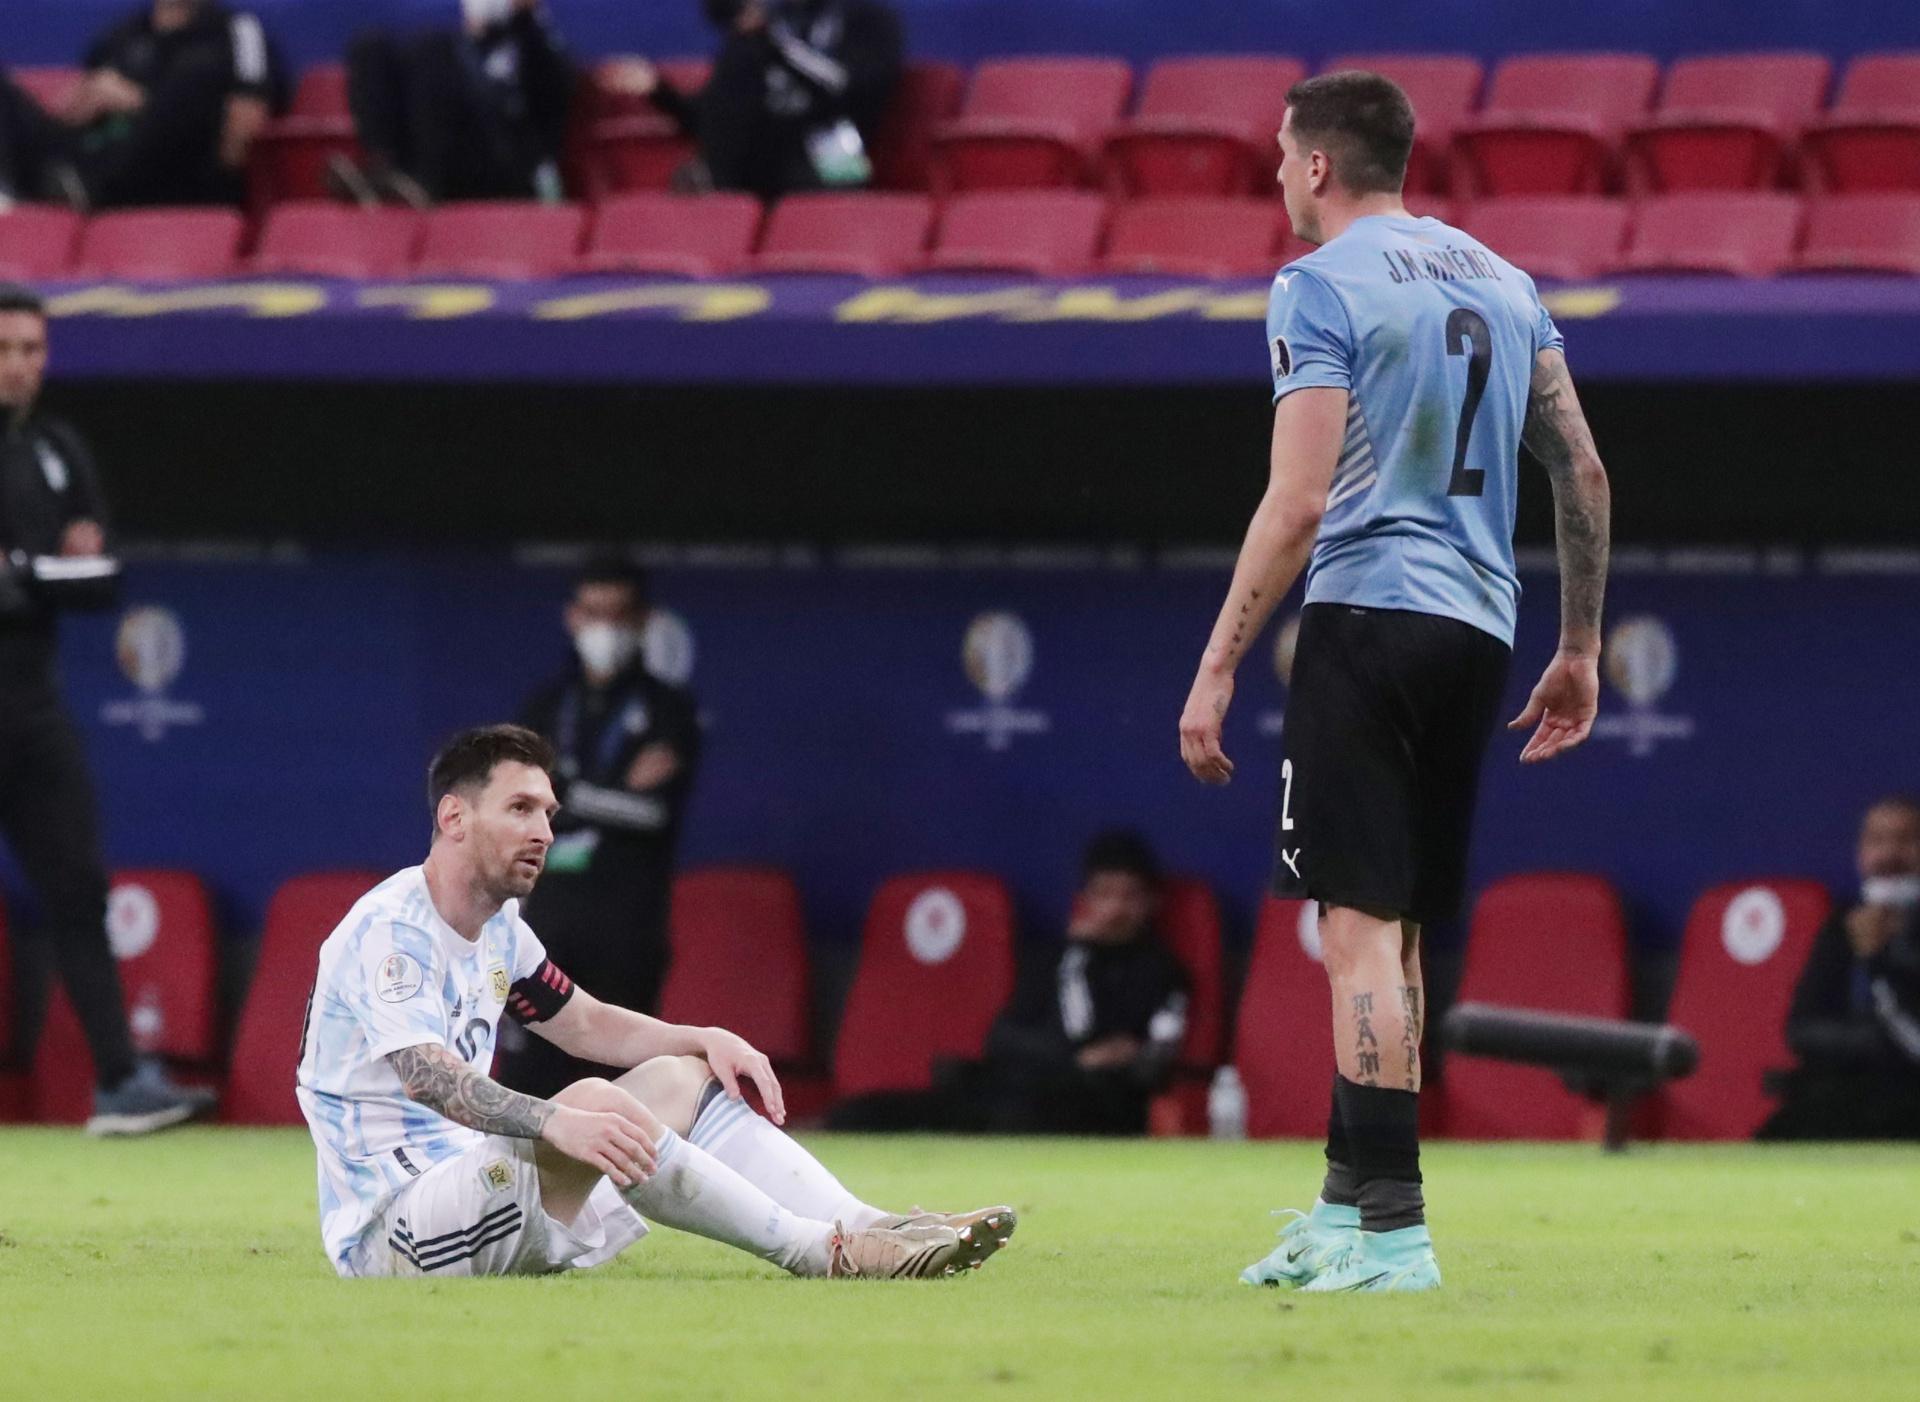 """ผู้เล่นชาวอุรุกวัยมักฟาวล์เมสซี่ตลอดการแข่งขัน  ภาพถ่าย: """"CONMEBOL ."""""""